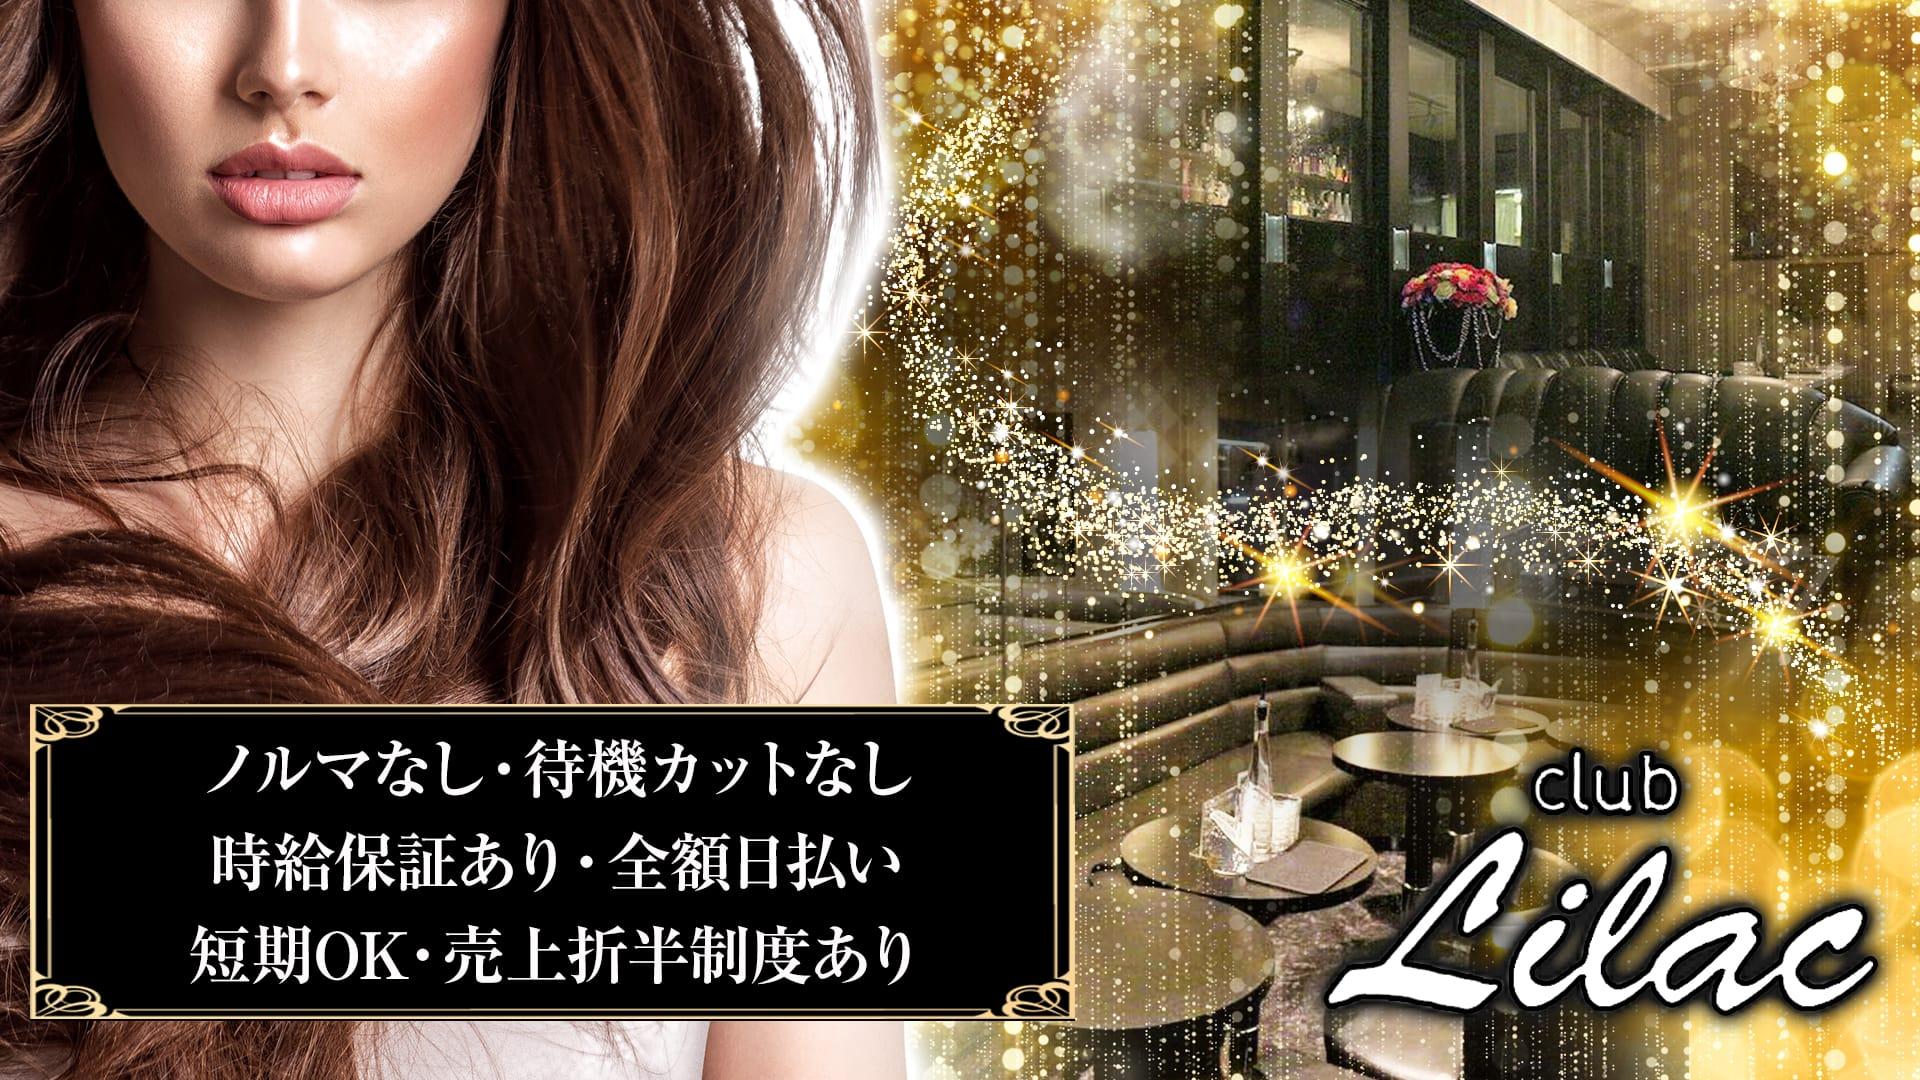 【小作】club Lilac(ライラック) 立川キャバクラ TOP画像